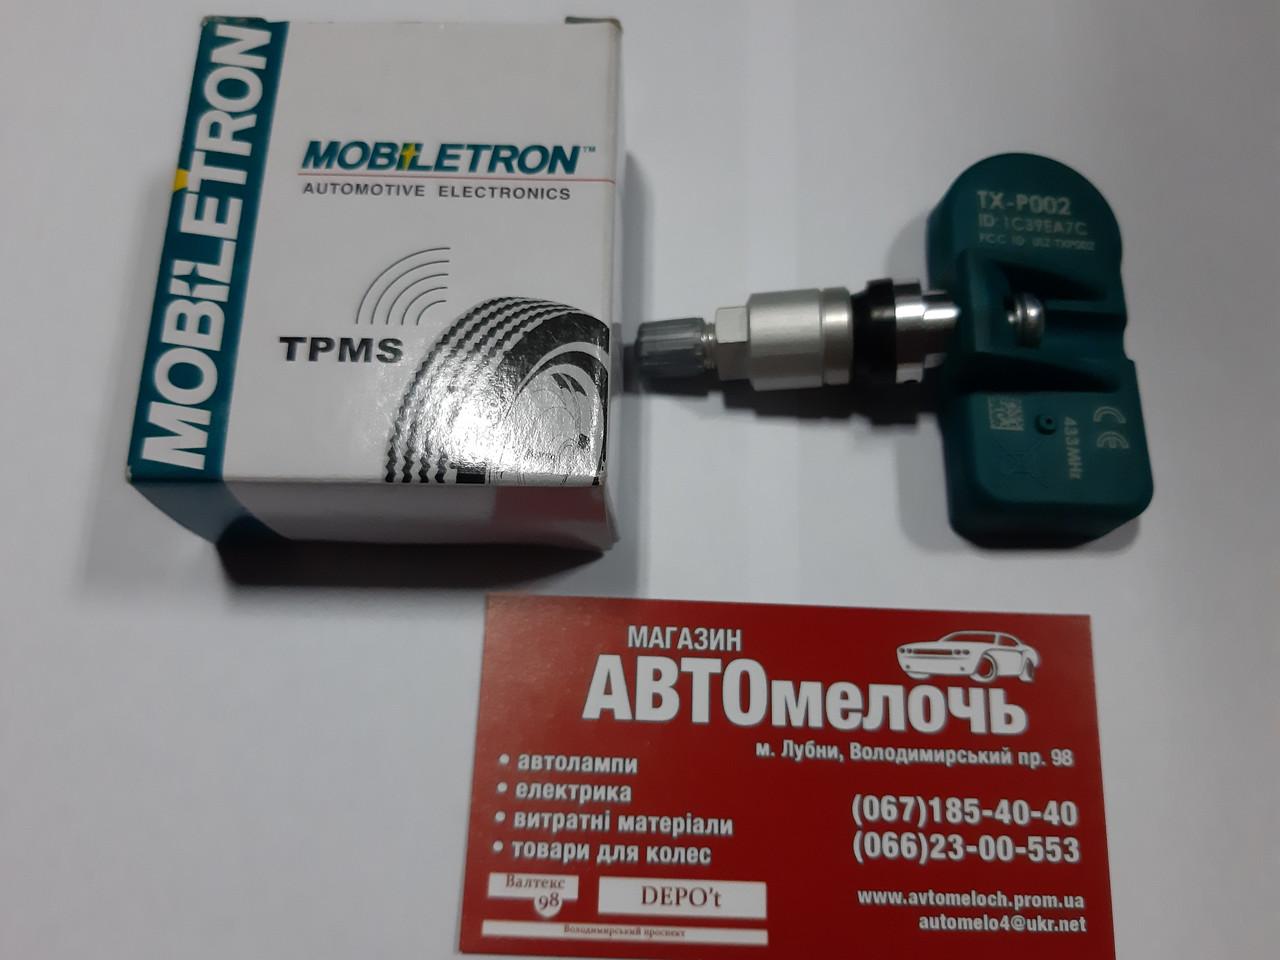 Датчик давления в шине TX-P002 Mobiletron